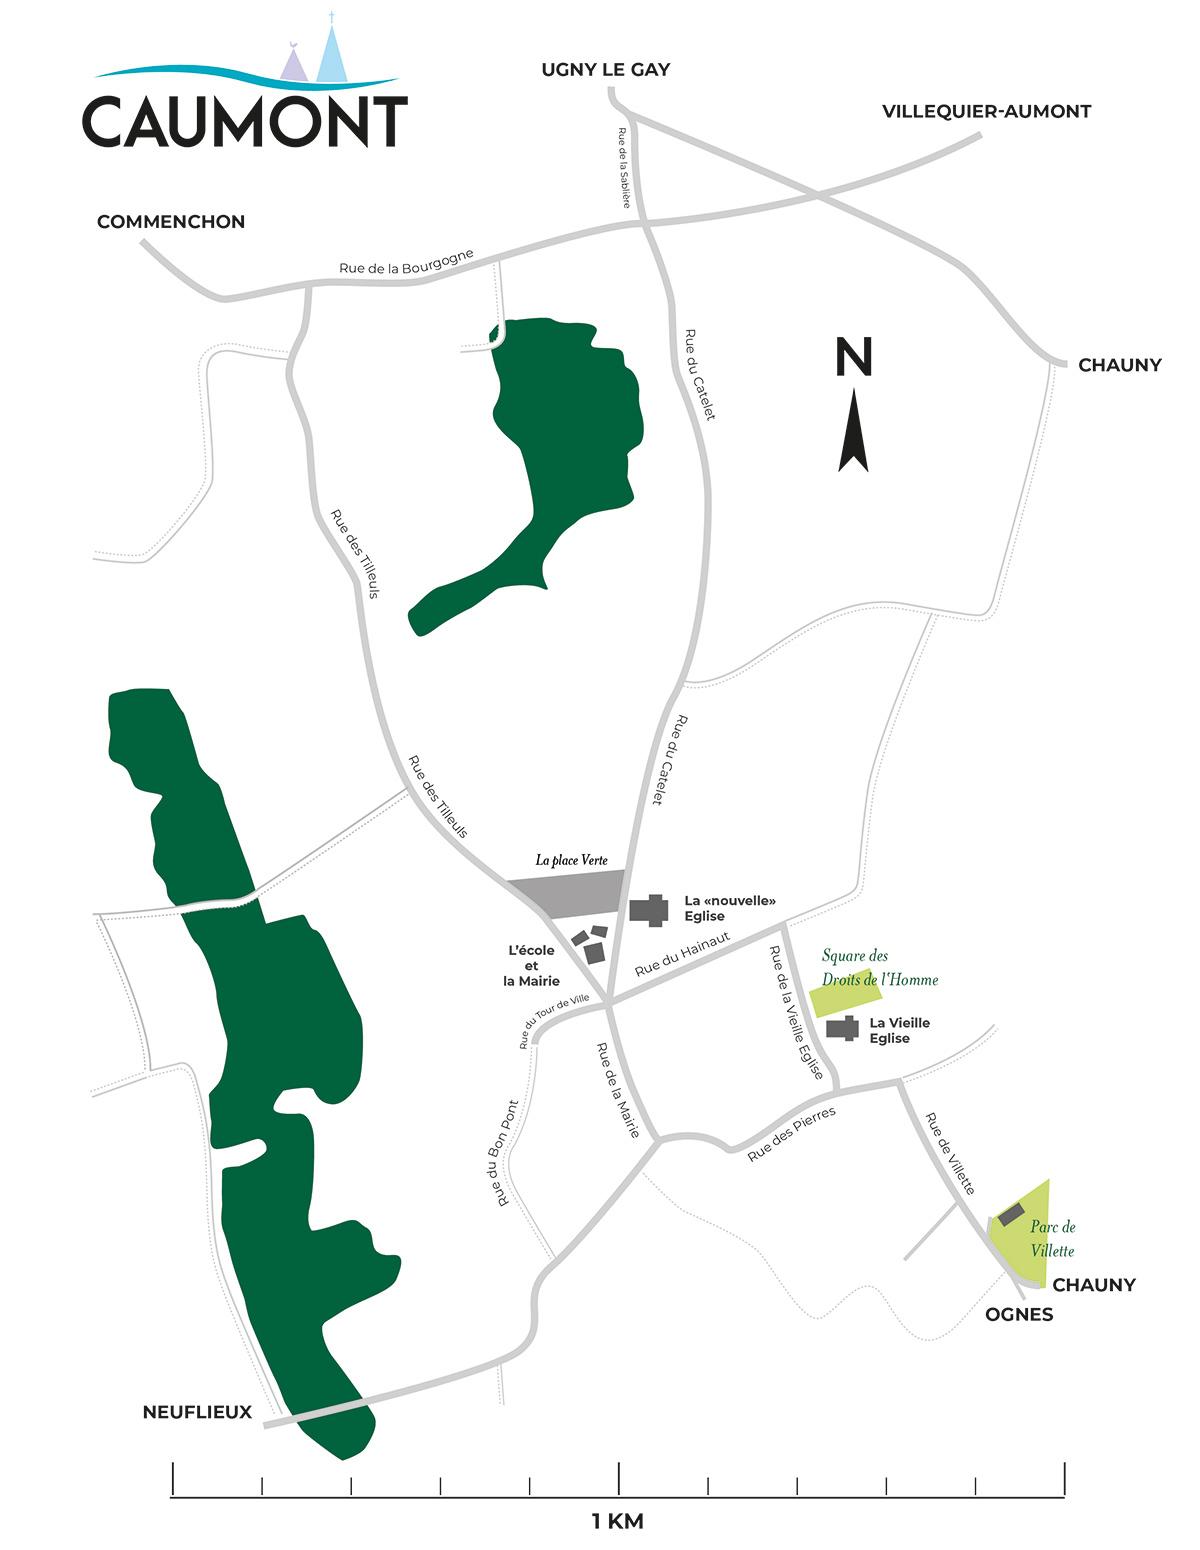 Caumont est un petit village d'environ 600 habitants dont beaucoup d'enfants et de personnes âgées